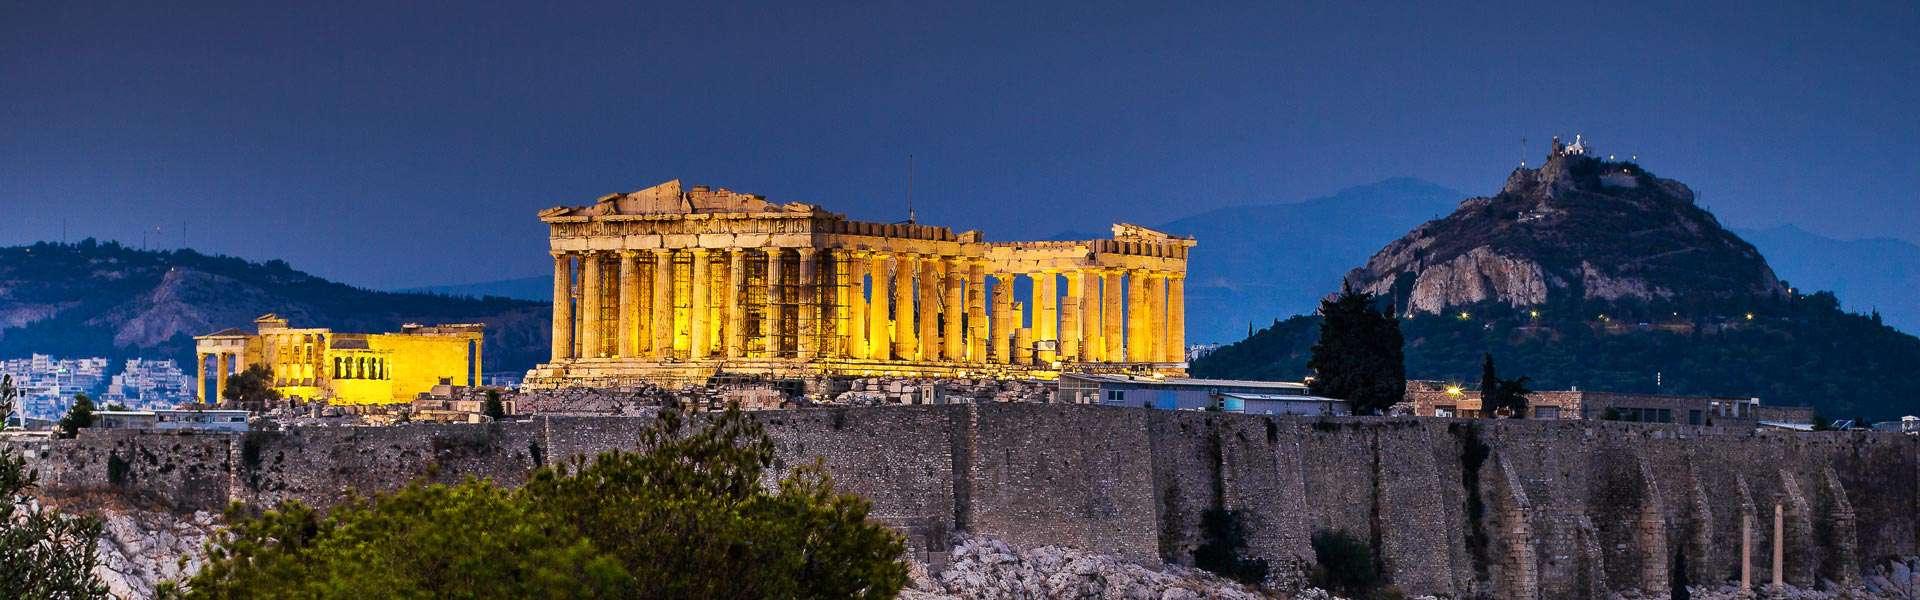 Geschichte erleben: Besuchen Sie die Akropolis in Athen